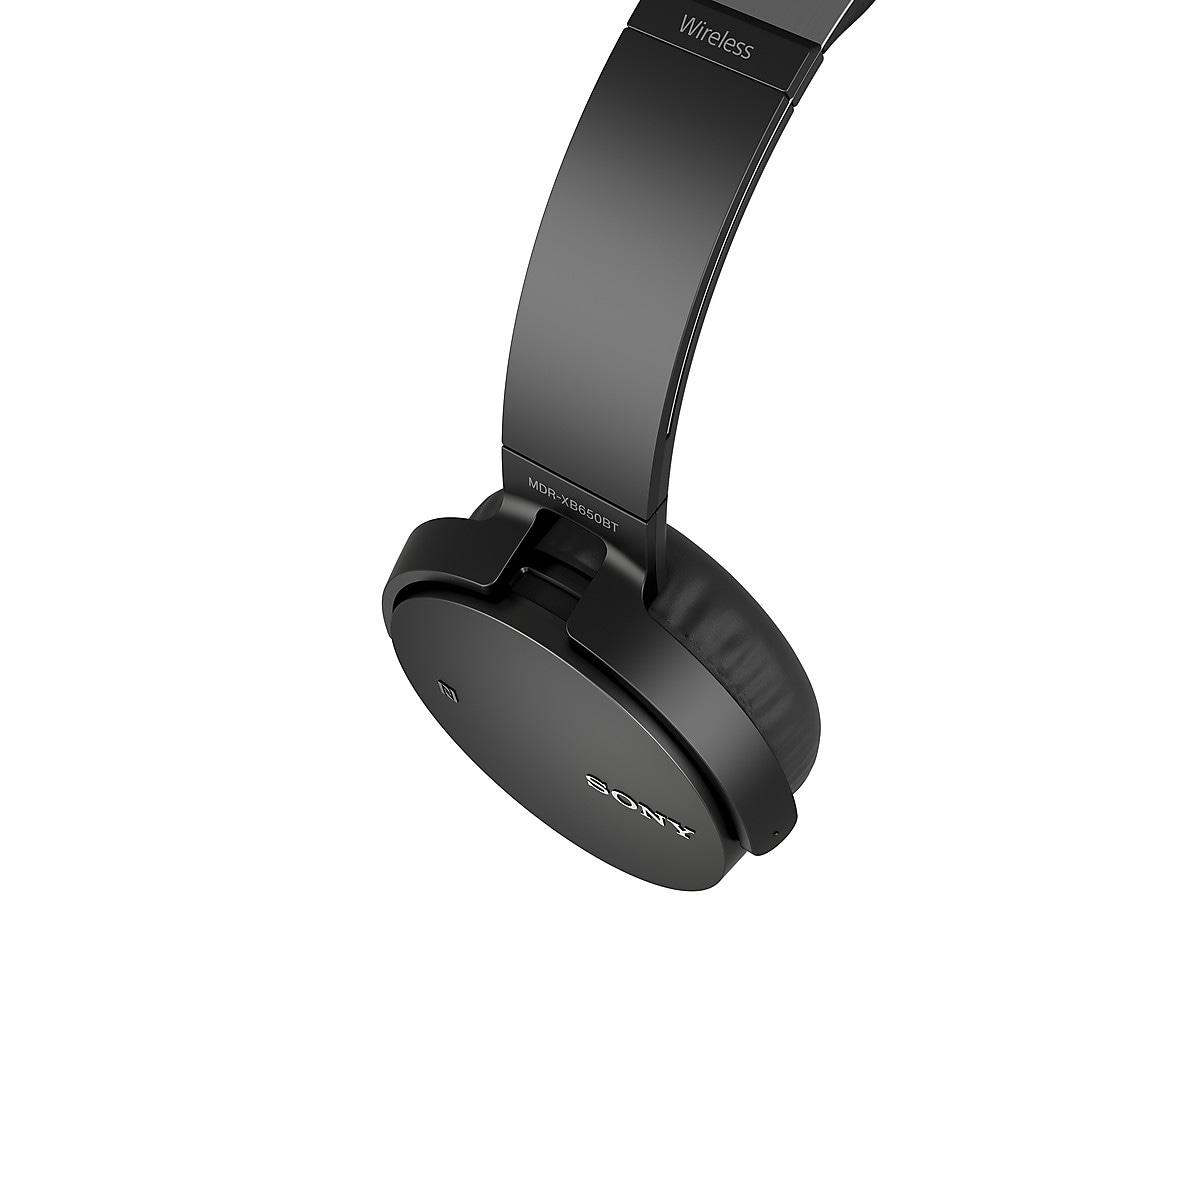 Trådlösa hörlurar med mikrofon, Sony MDR-XB650BT